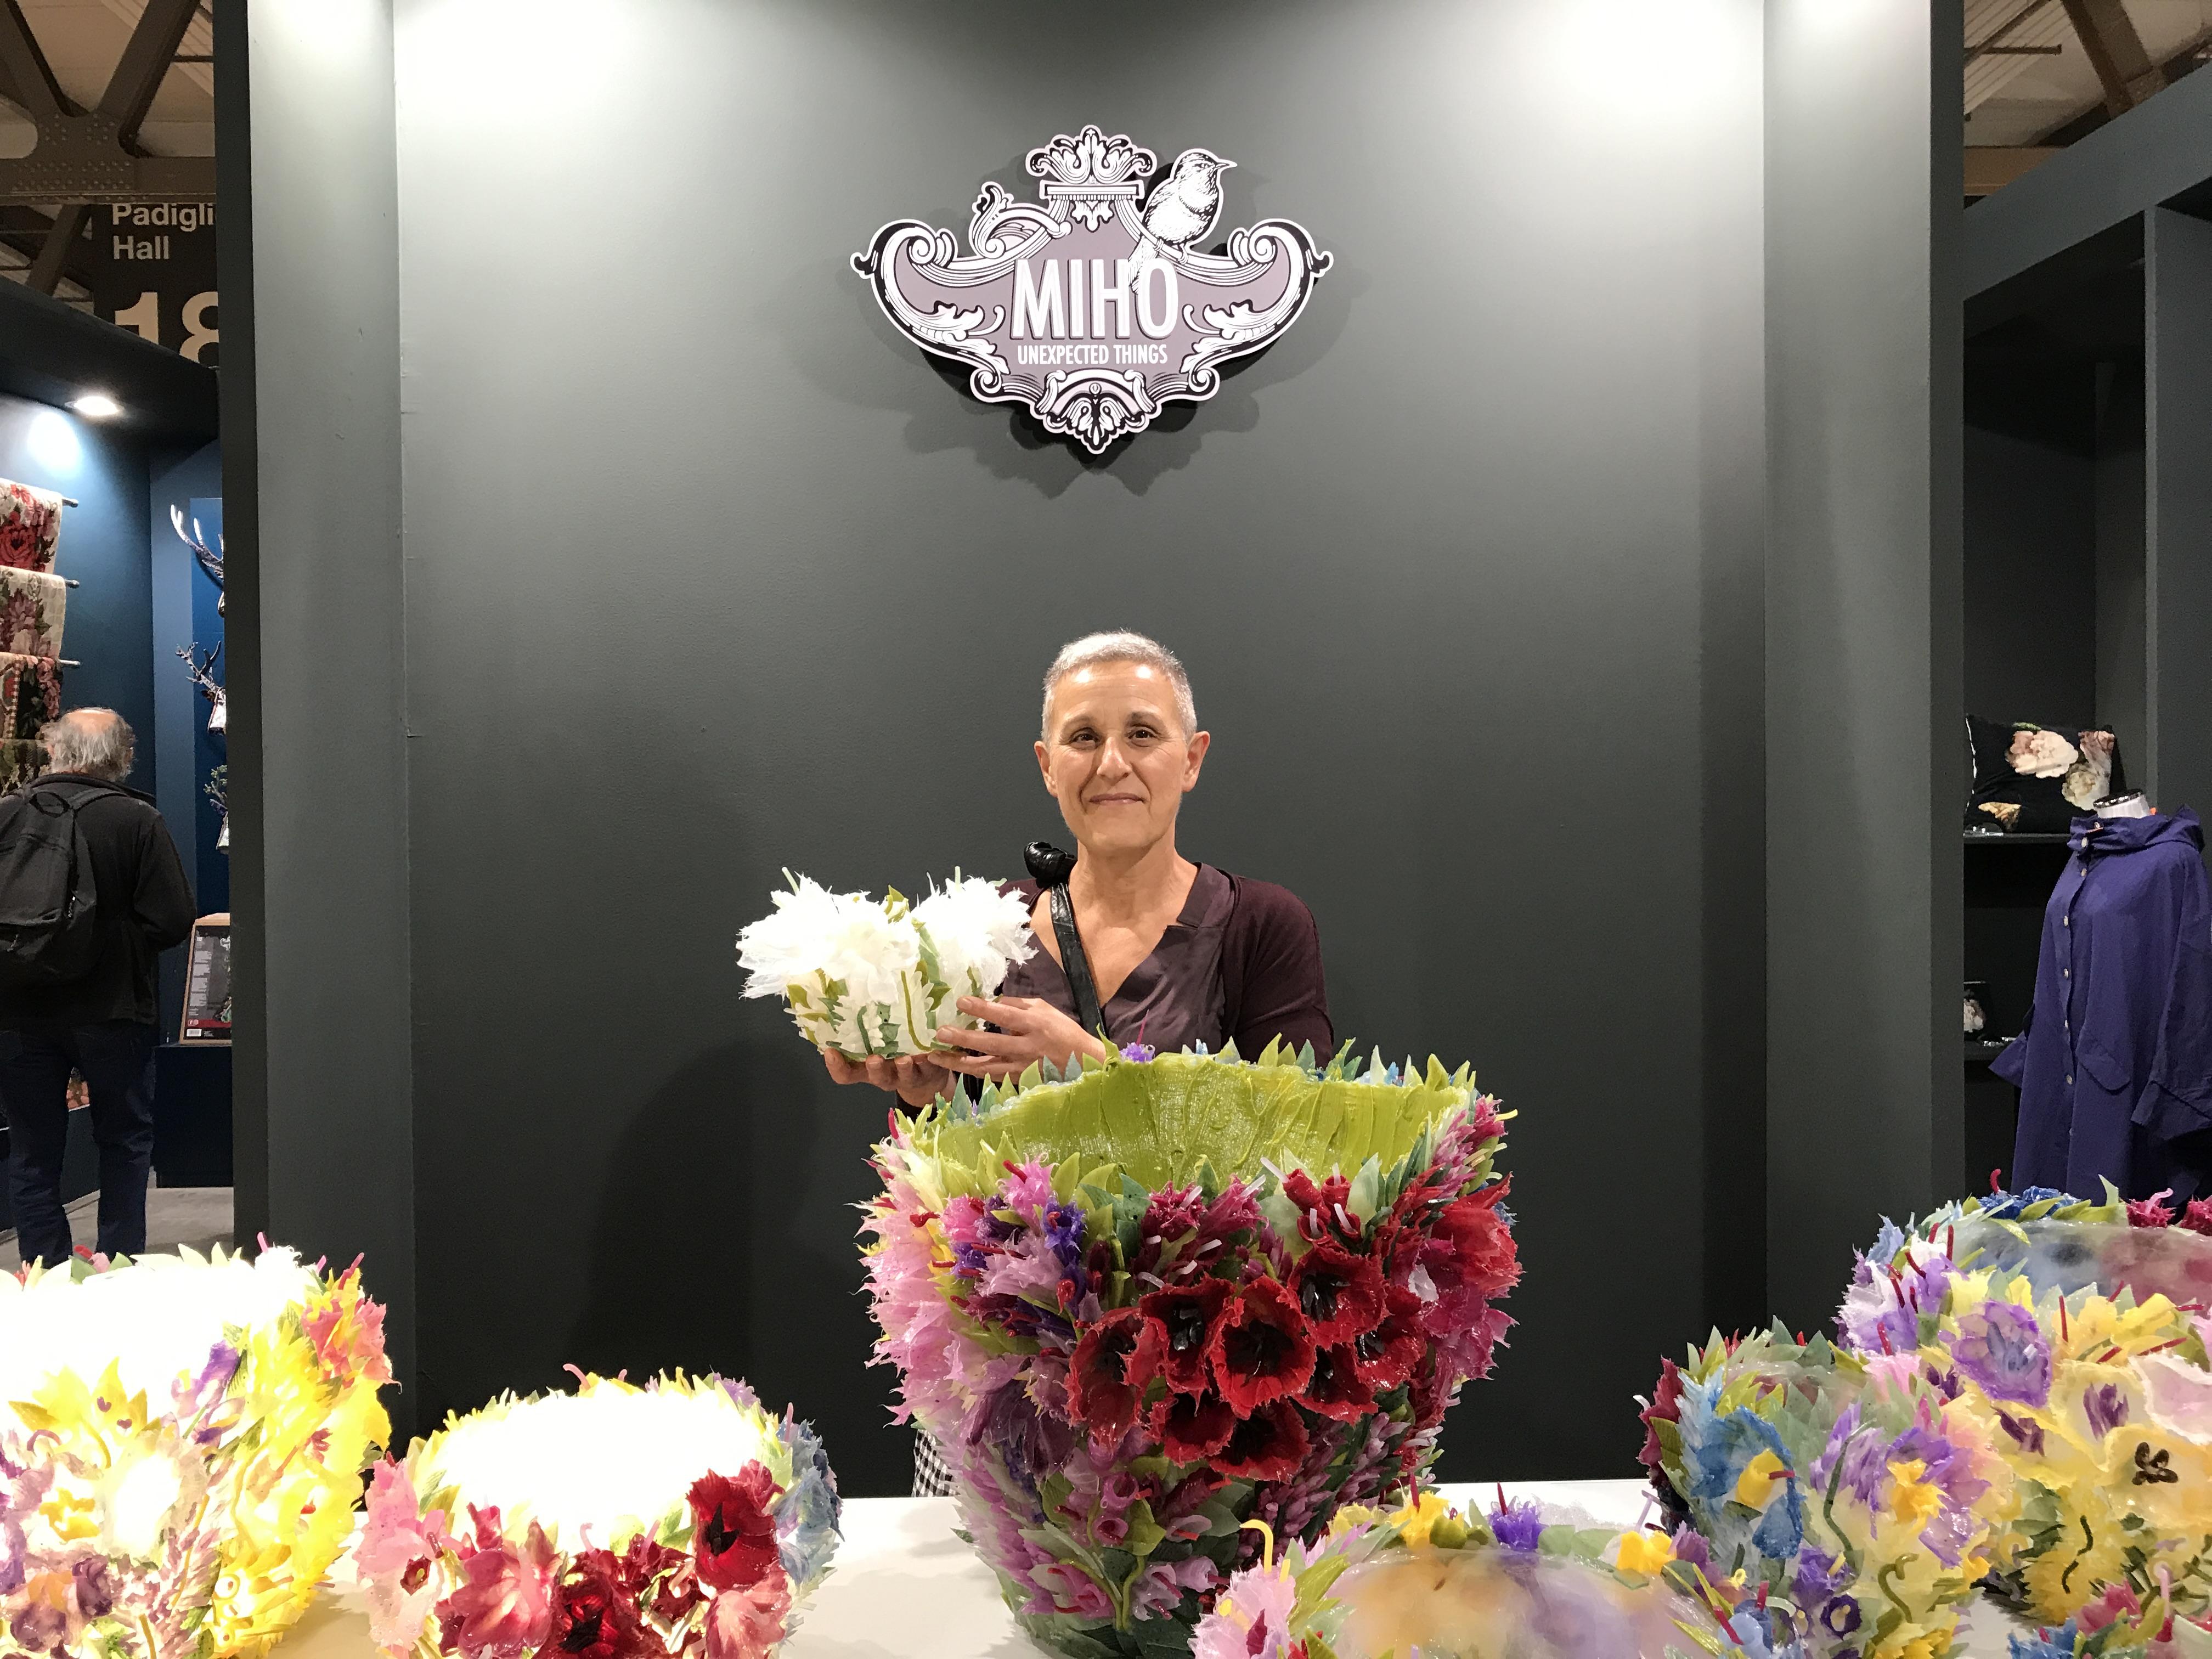 Creatrice Gigliola Scagliotti di Torino, allo stand del distributore Miho di Varese